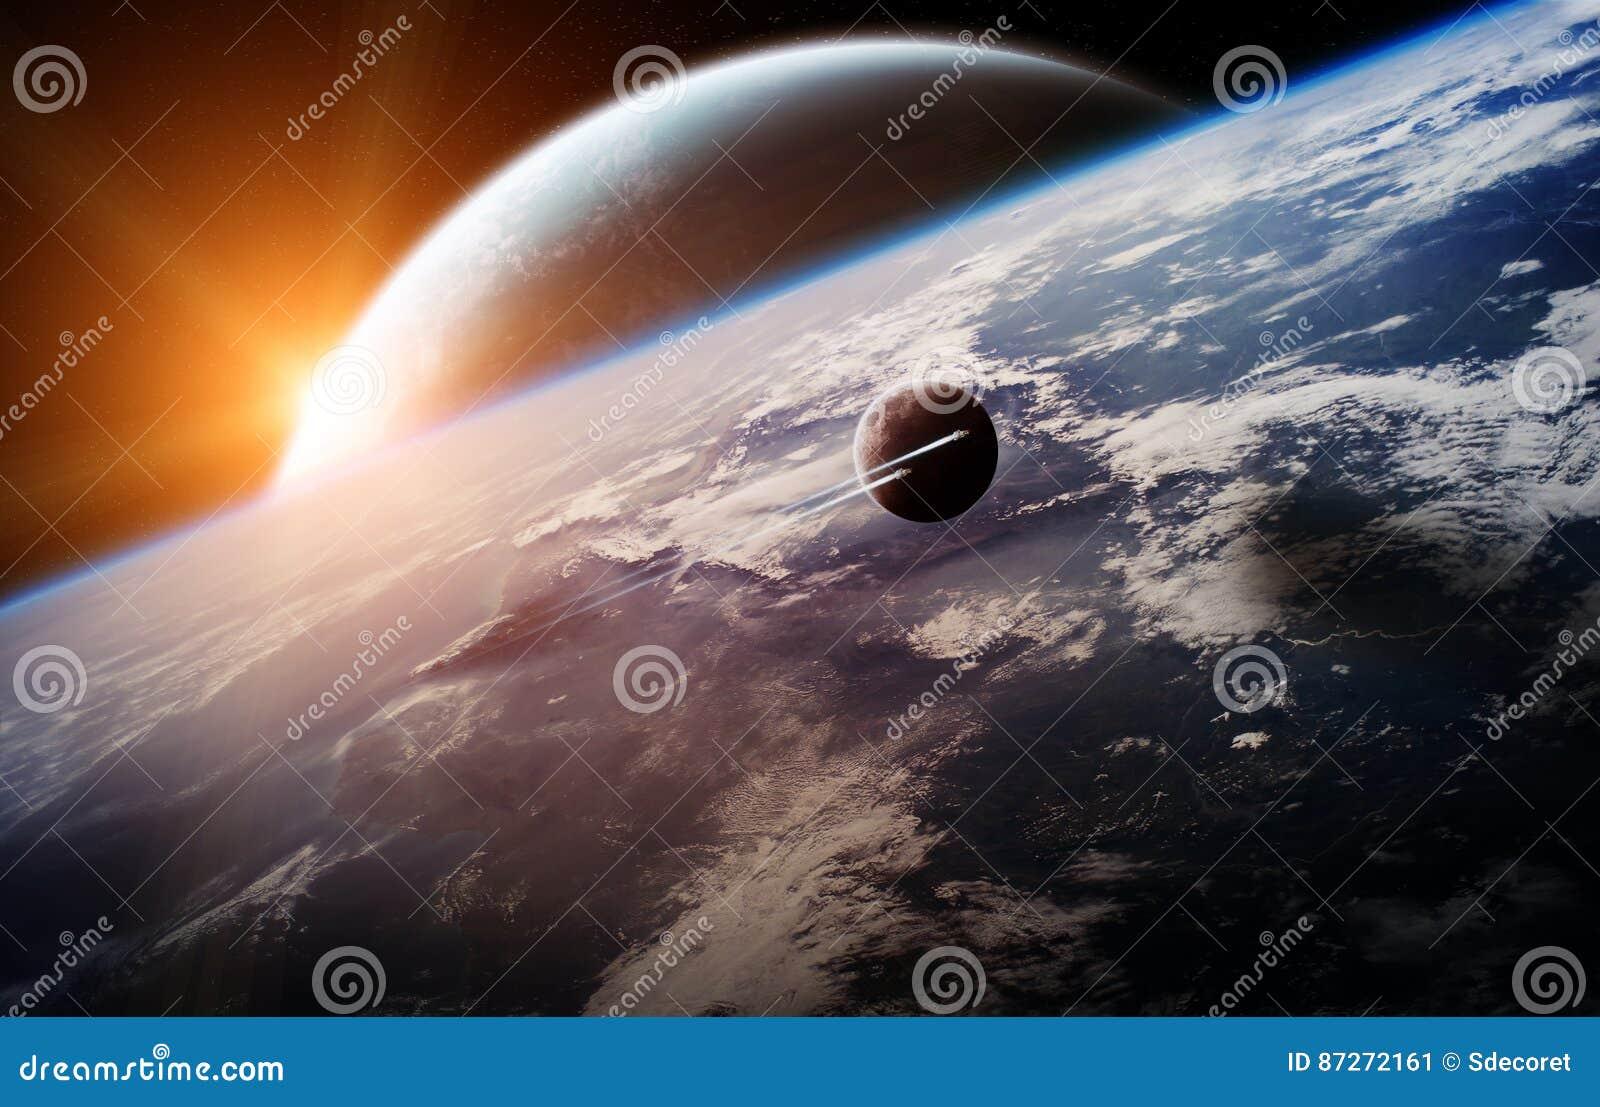 Zonsopgang over ver planeetsysteem in ruimte 3D teruggevend element